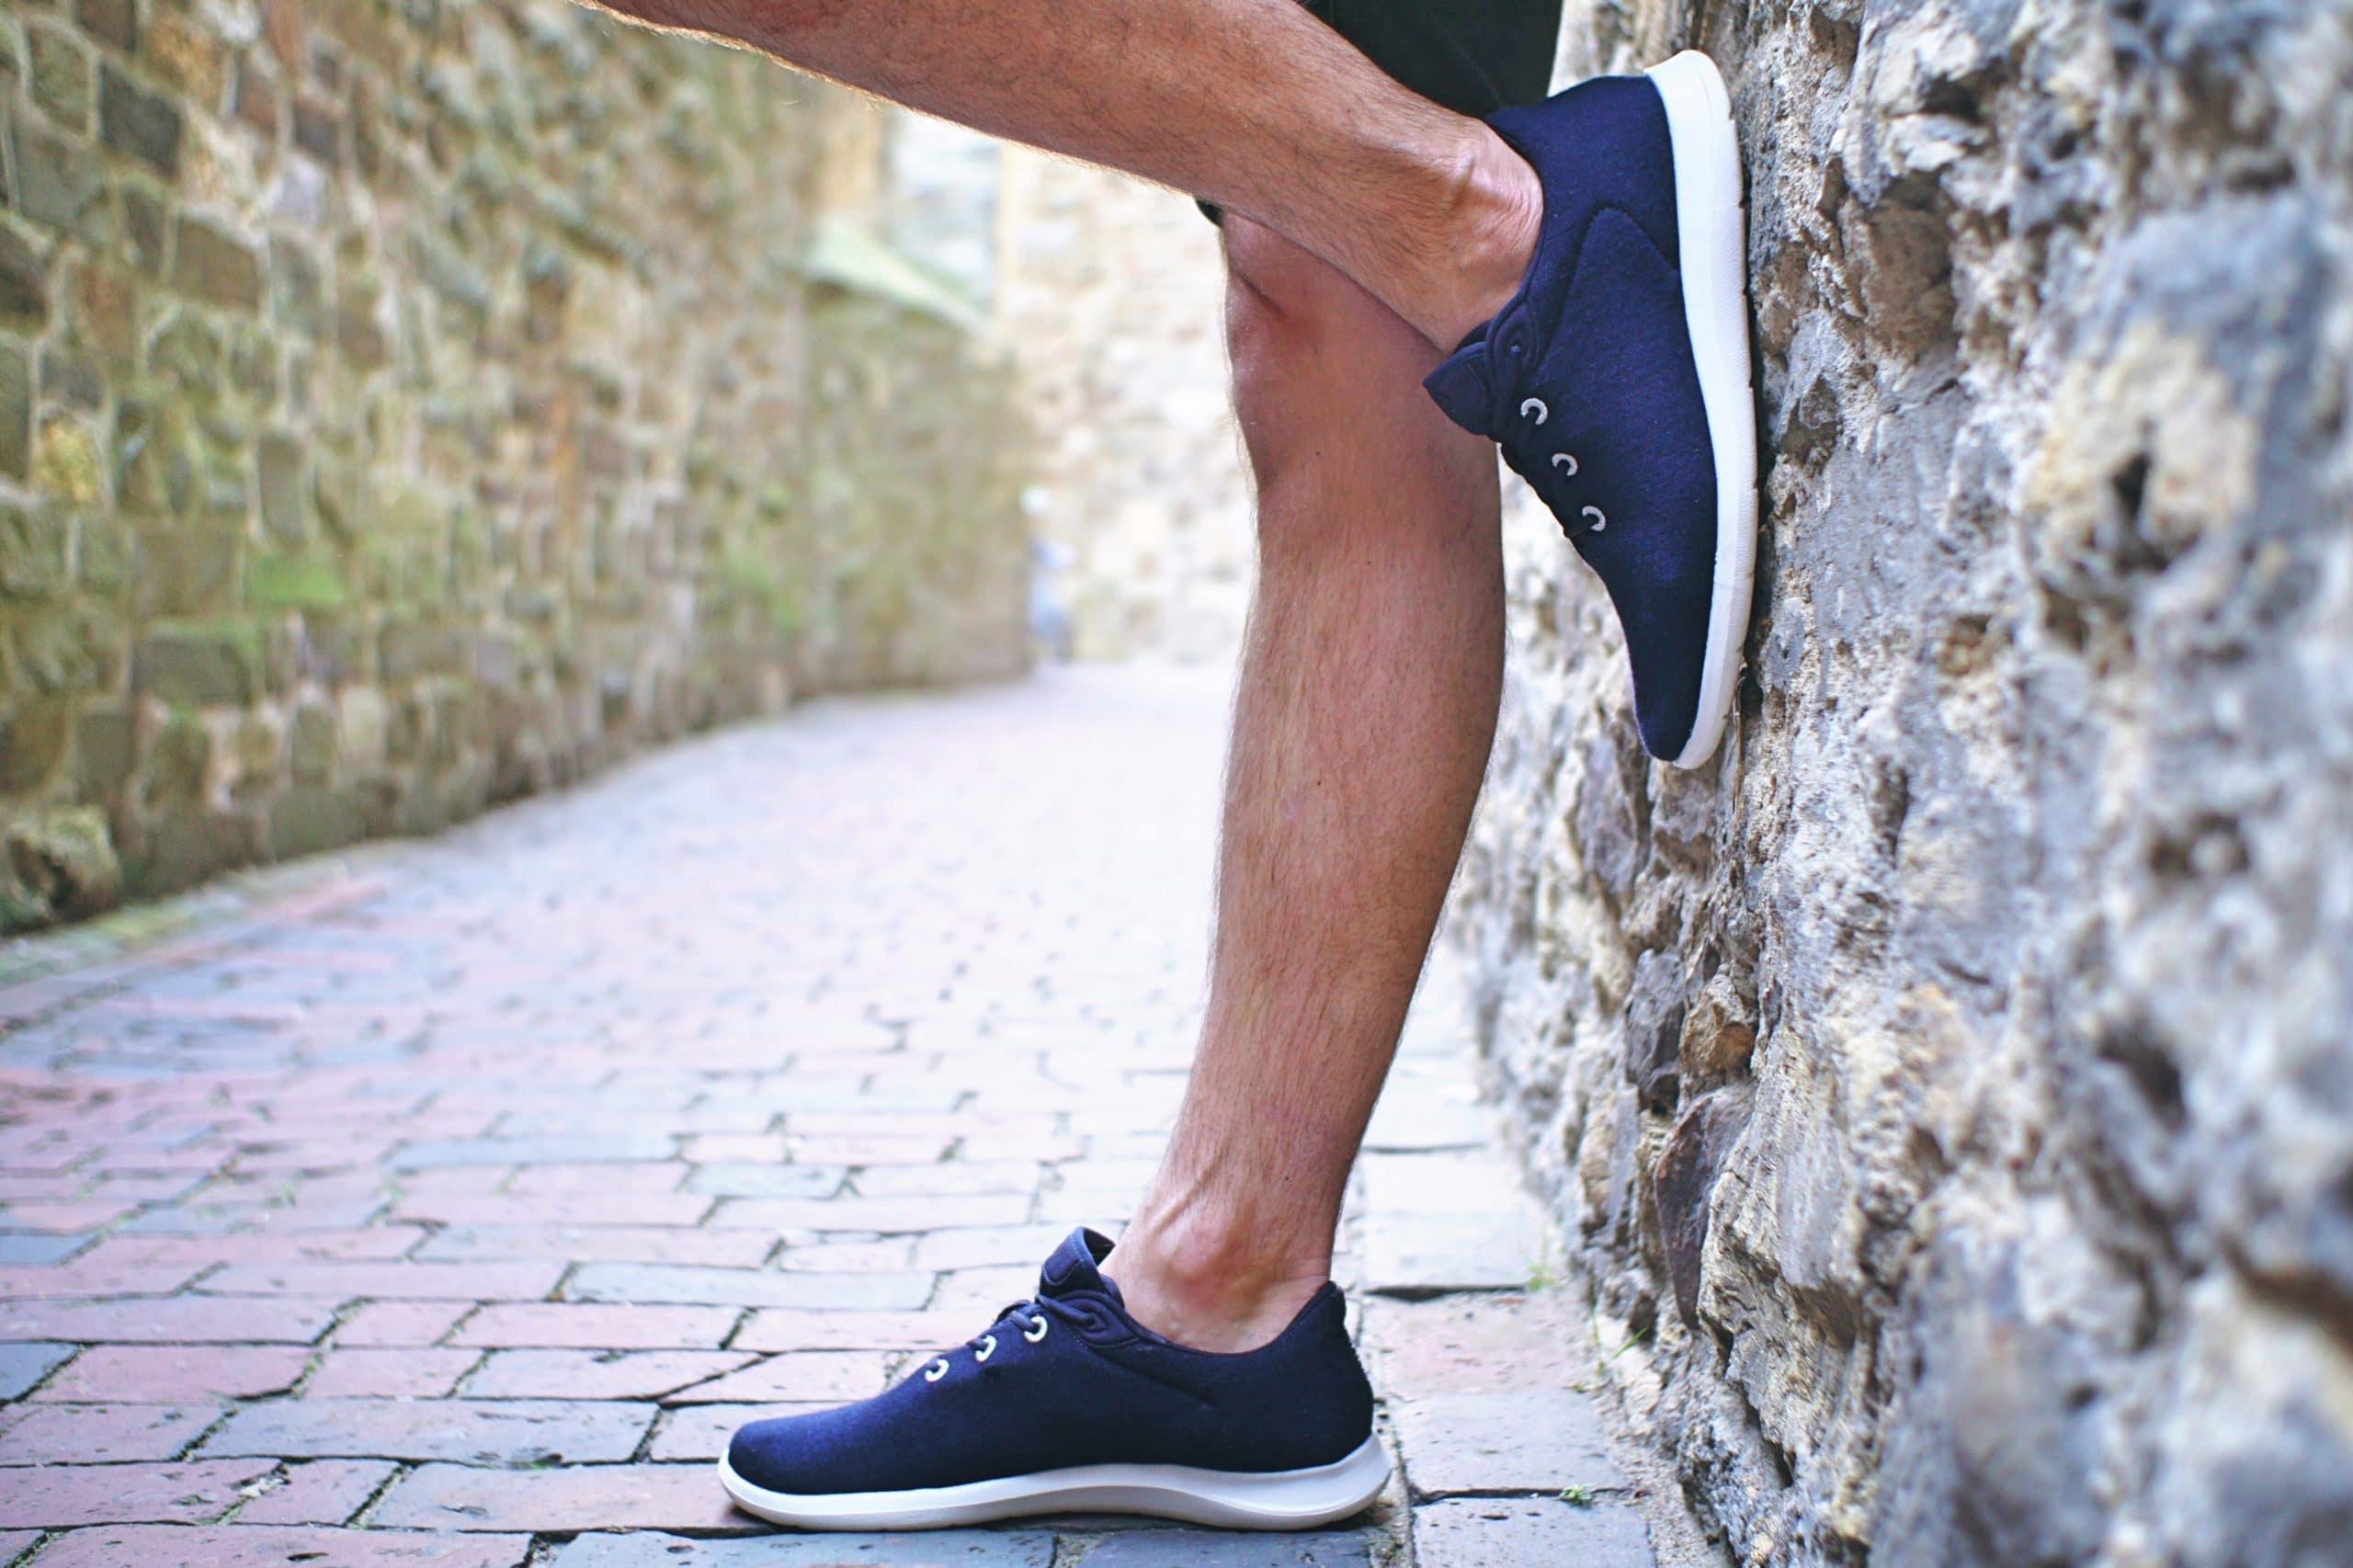 Mann mit blauen Schuhe lehnt an einer Wand